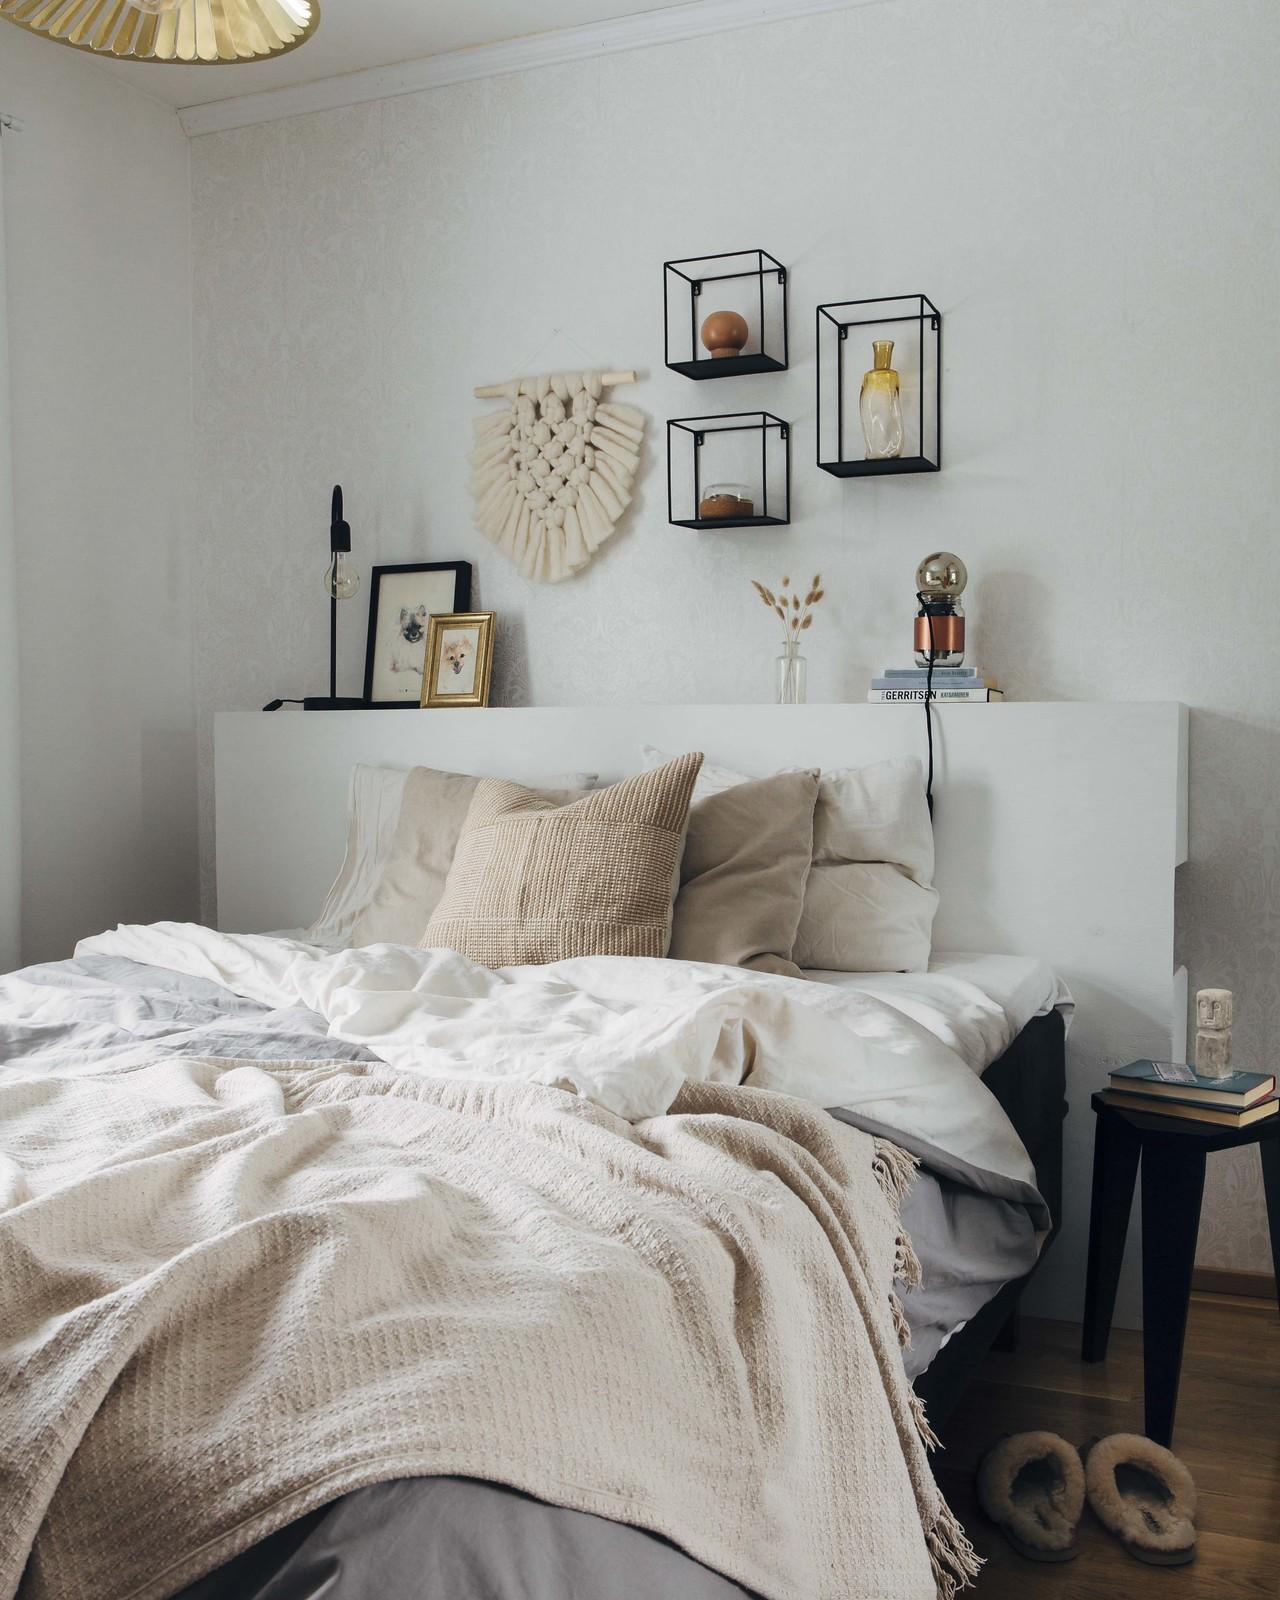 Vaalea makuuhuone, jossa on sänky, jonka päällä on oljensävyinen torkkupeitto.